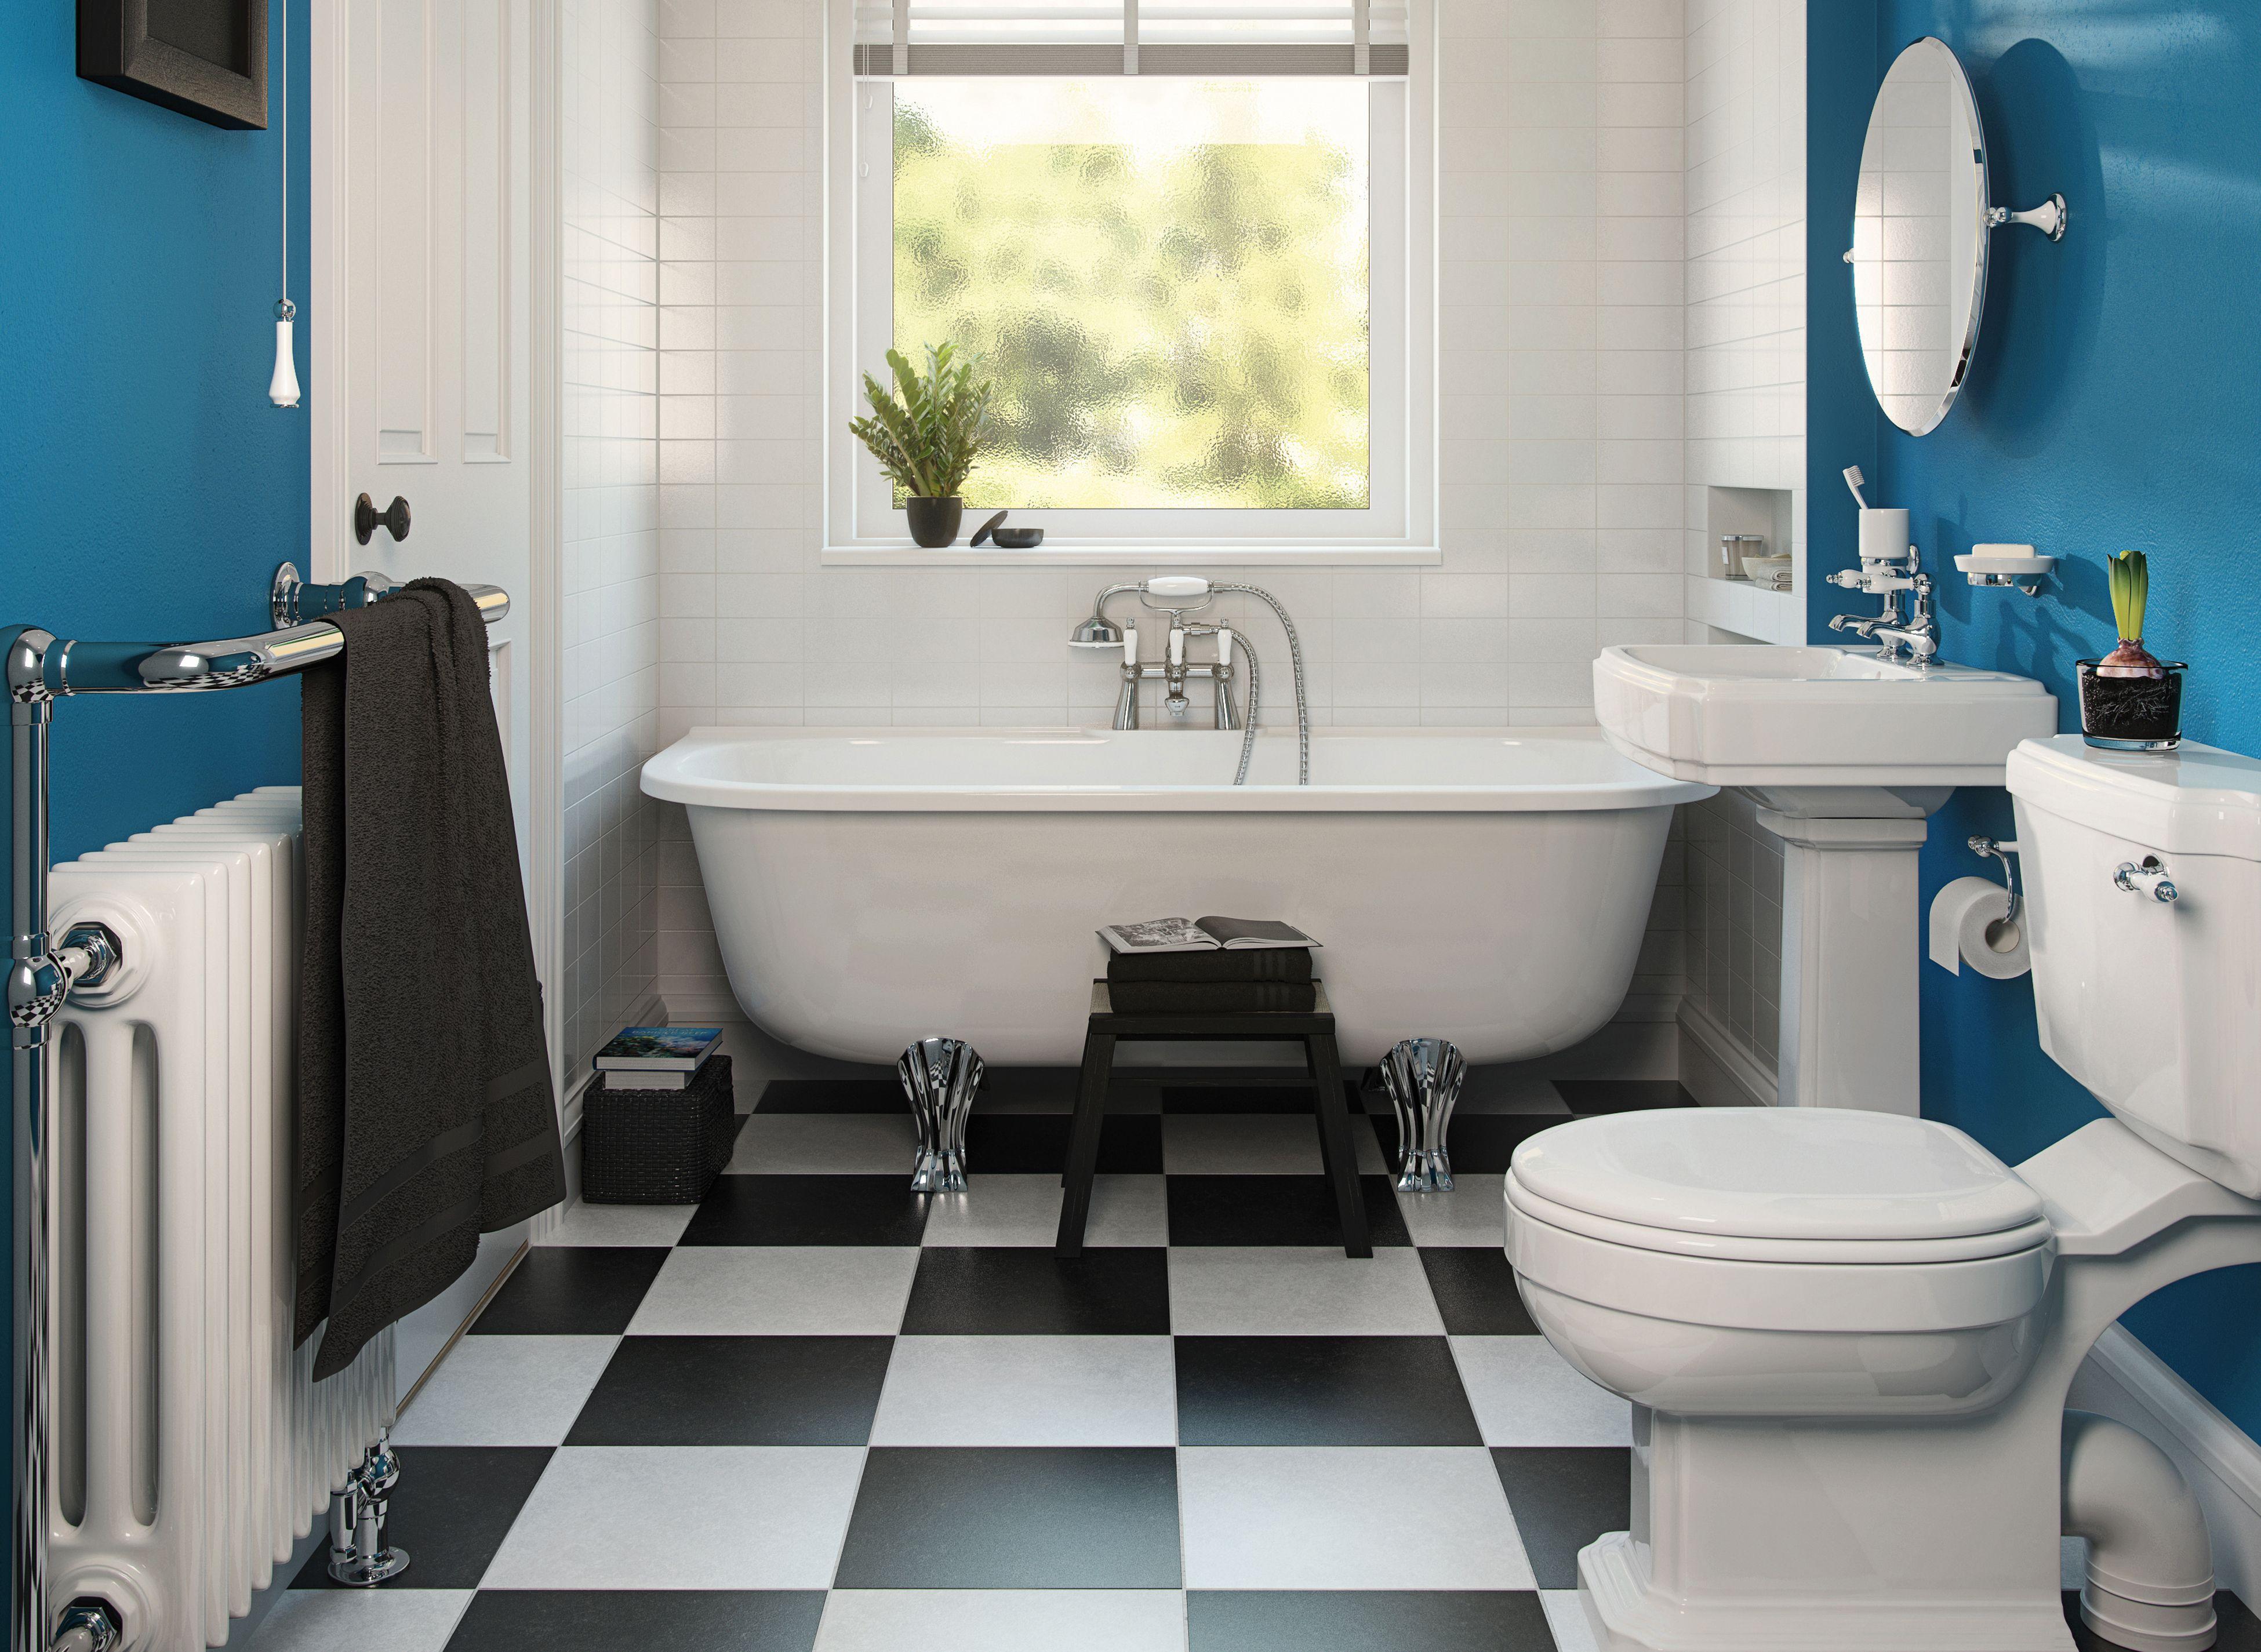 Контрастный интерьер ванной комнаты